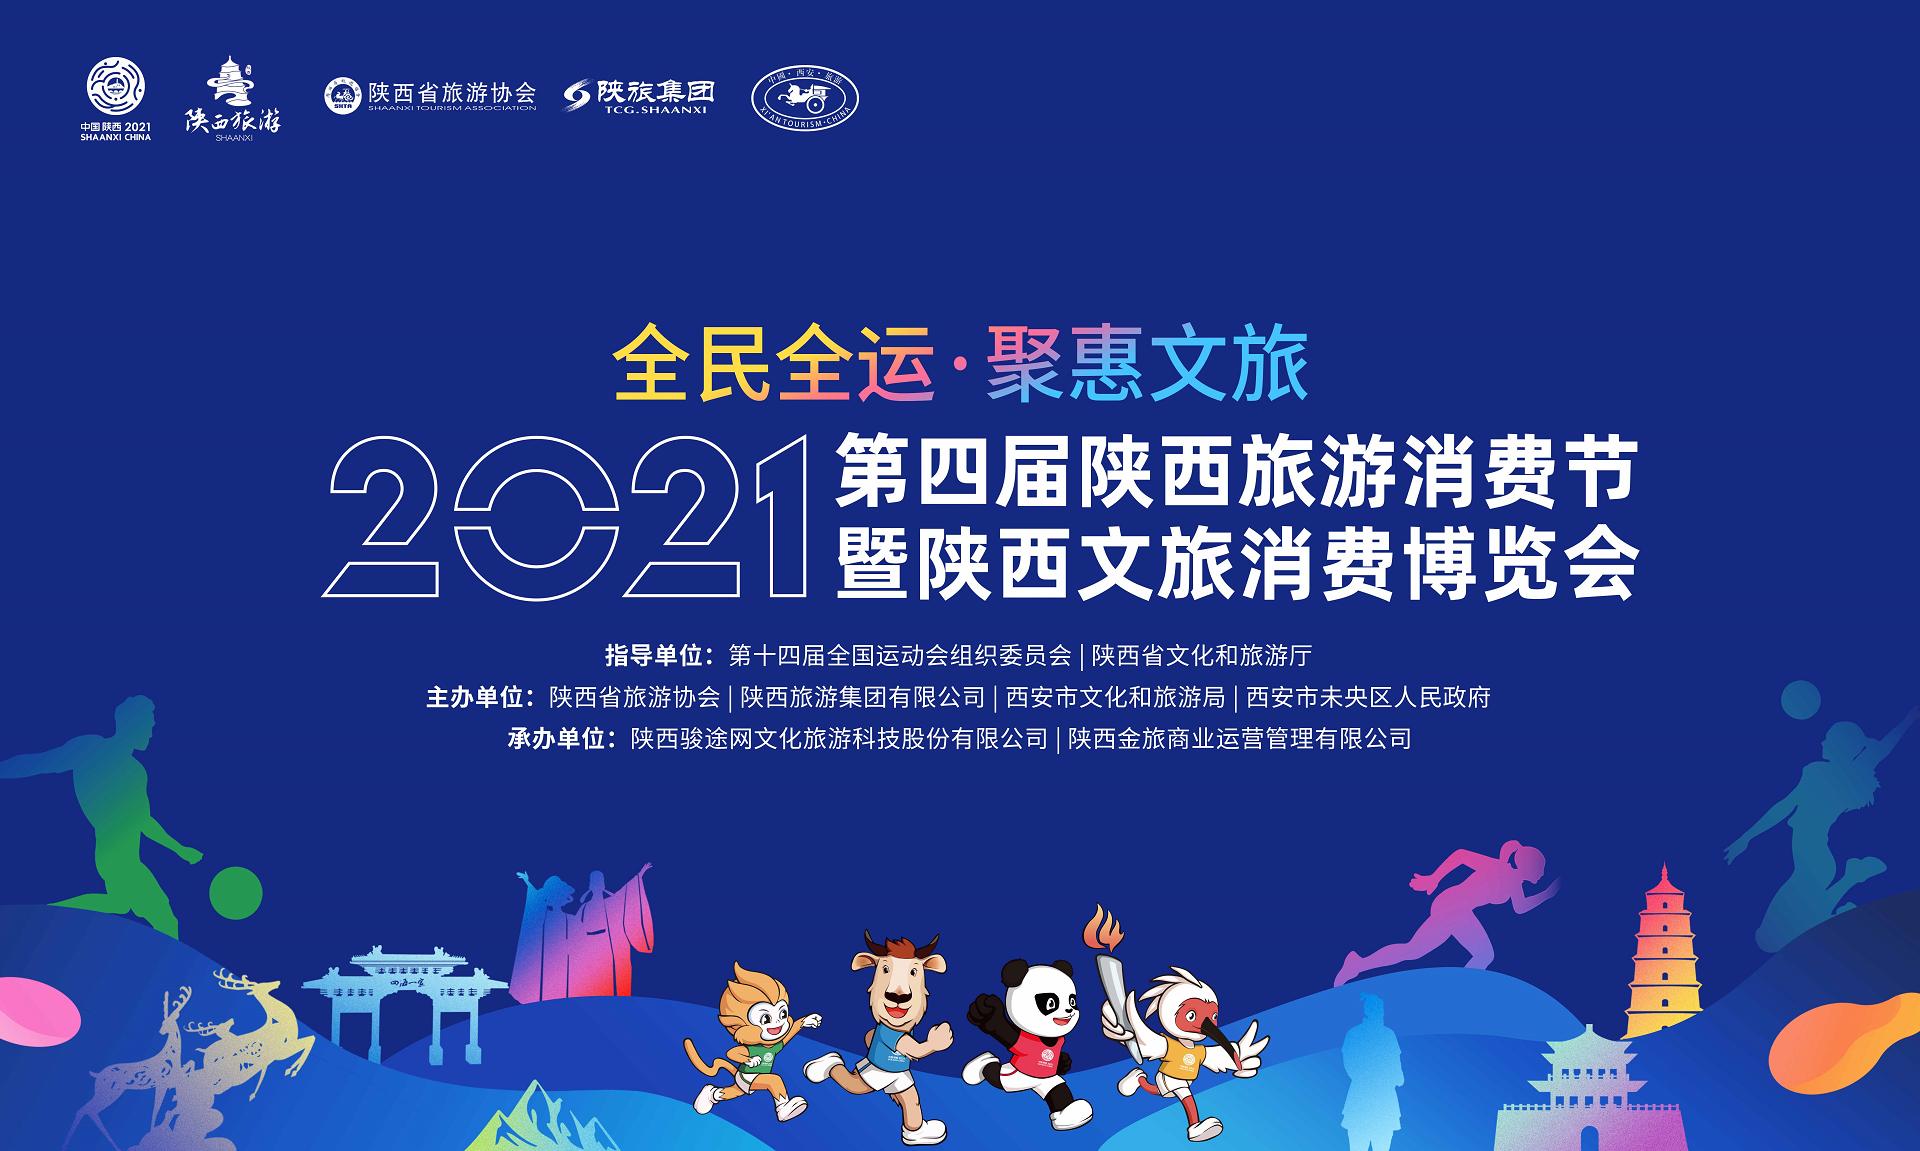 2021第四屆陝西旅游消(xiao)費(fei)節暨陝西文旅消(xiao)費(fei)博覽會